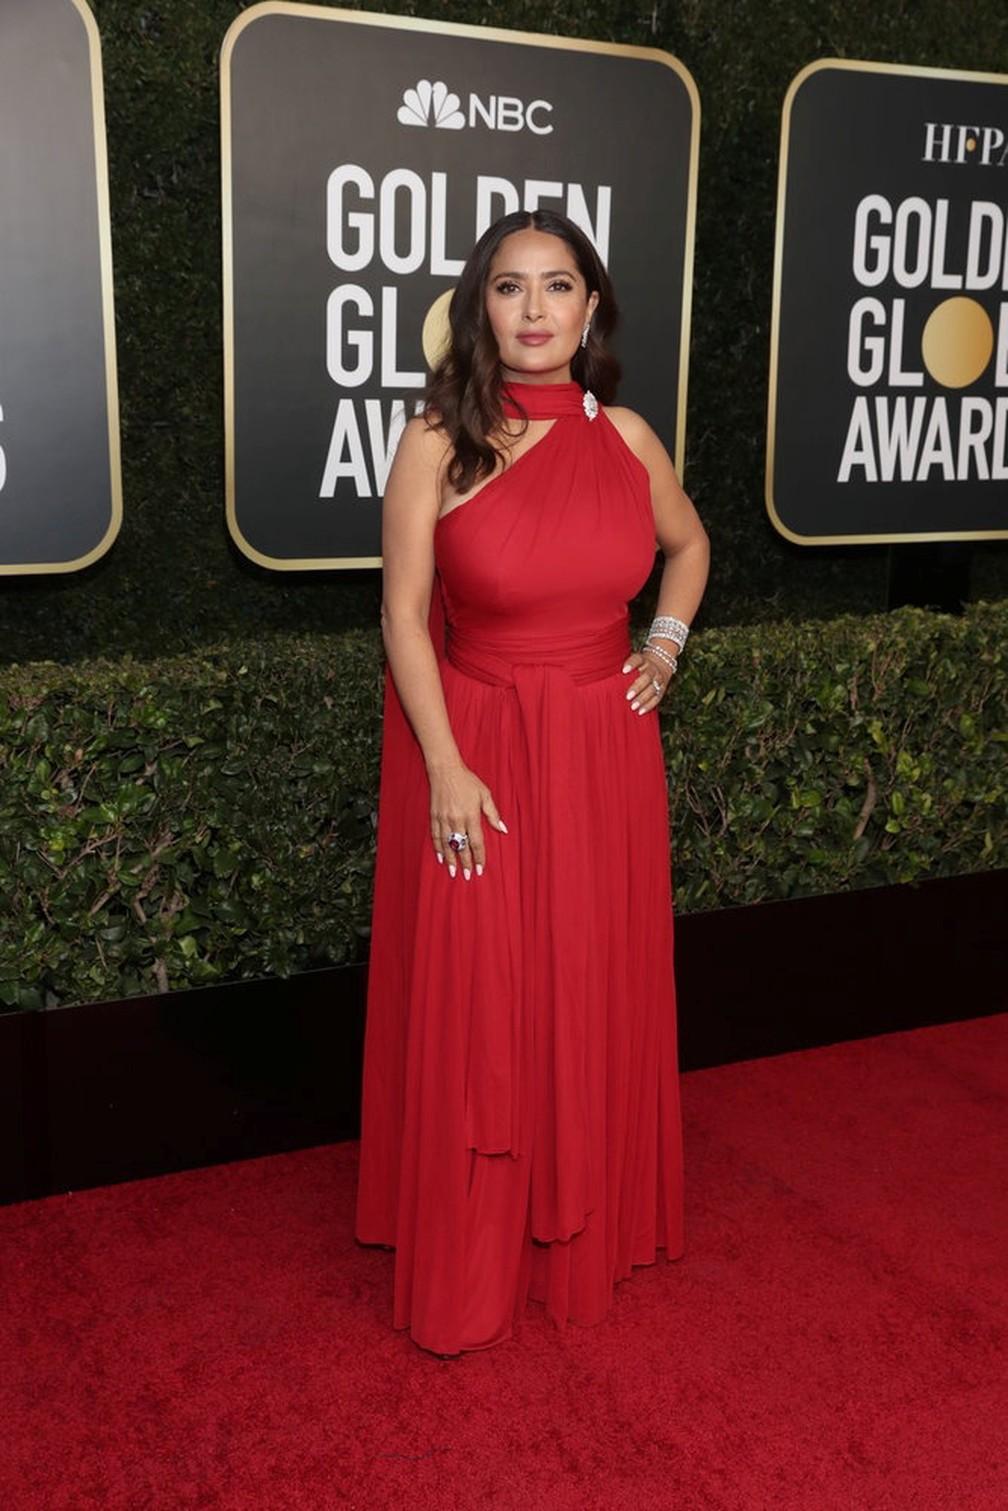 Salma Hayek posa no tapete vermelho do Globo de Ouro 2021 — Foto: Todd Williamson/NBC via Reuters